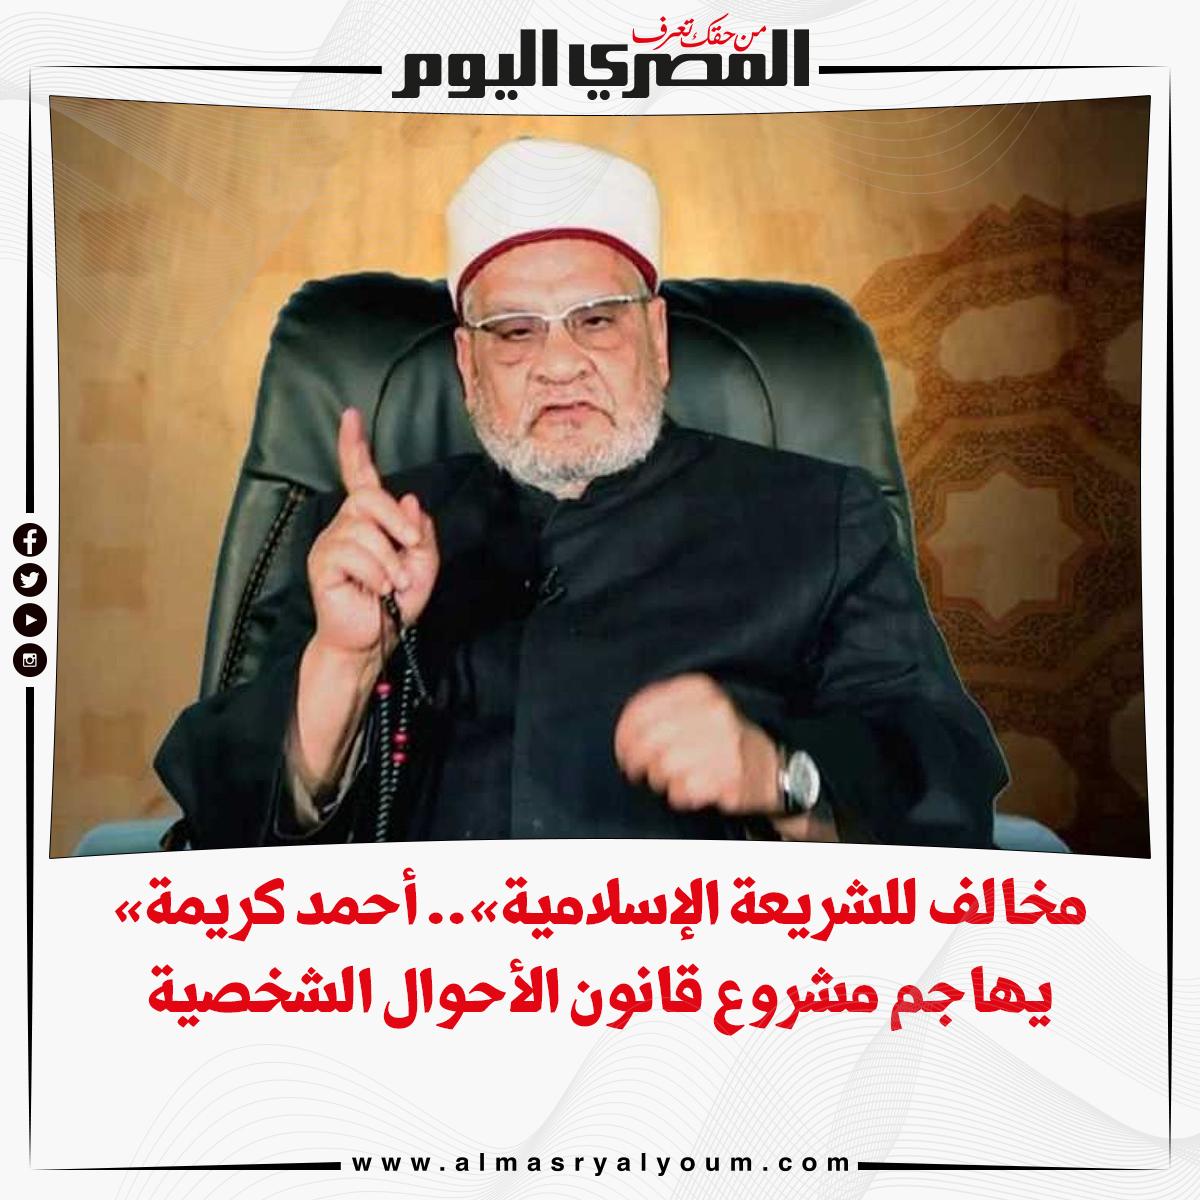 «مخالف للشريعة الإسلامية».. أحمد كريمة يهاجم مشروع قانون الأحوال الشخصية (فيديو)